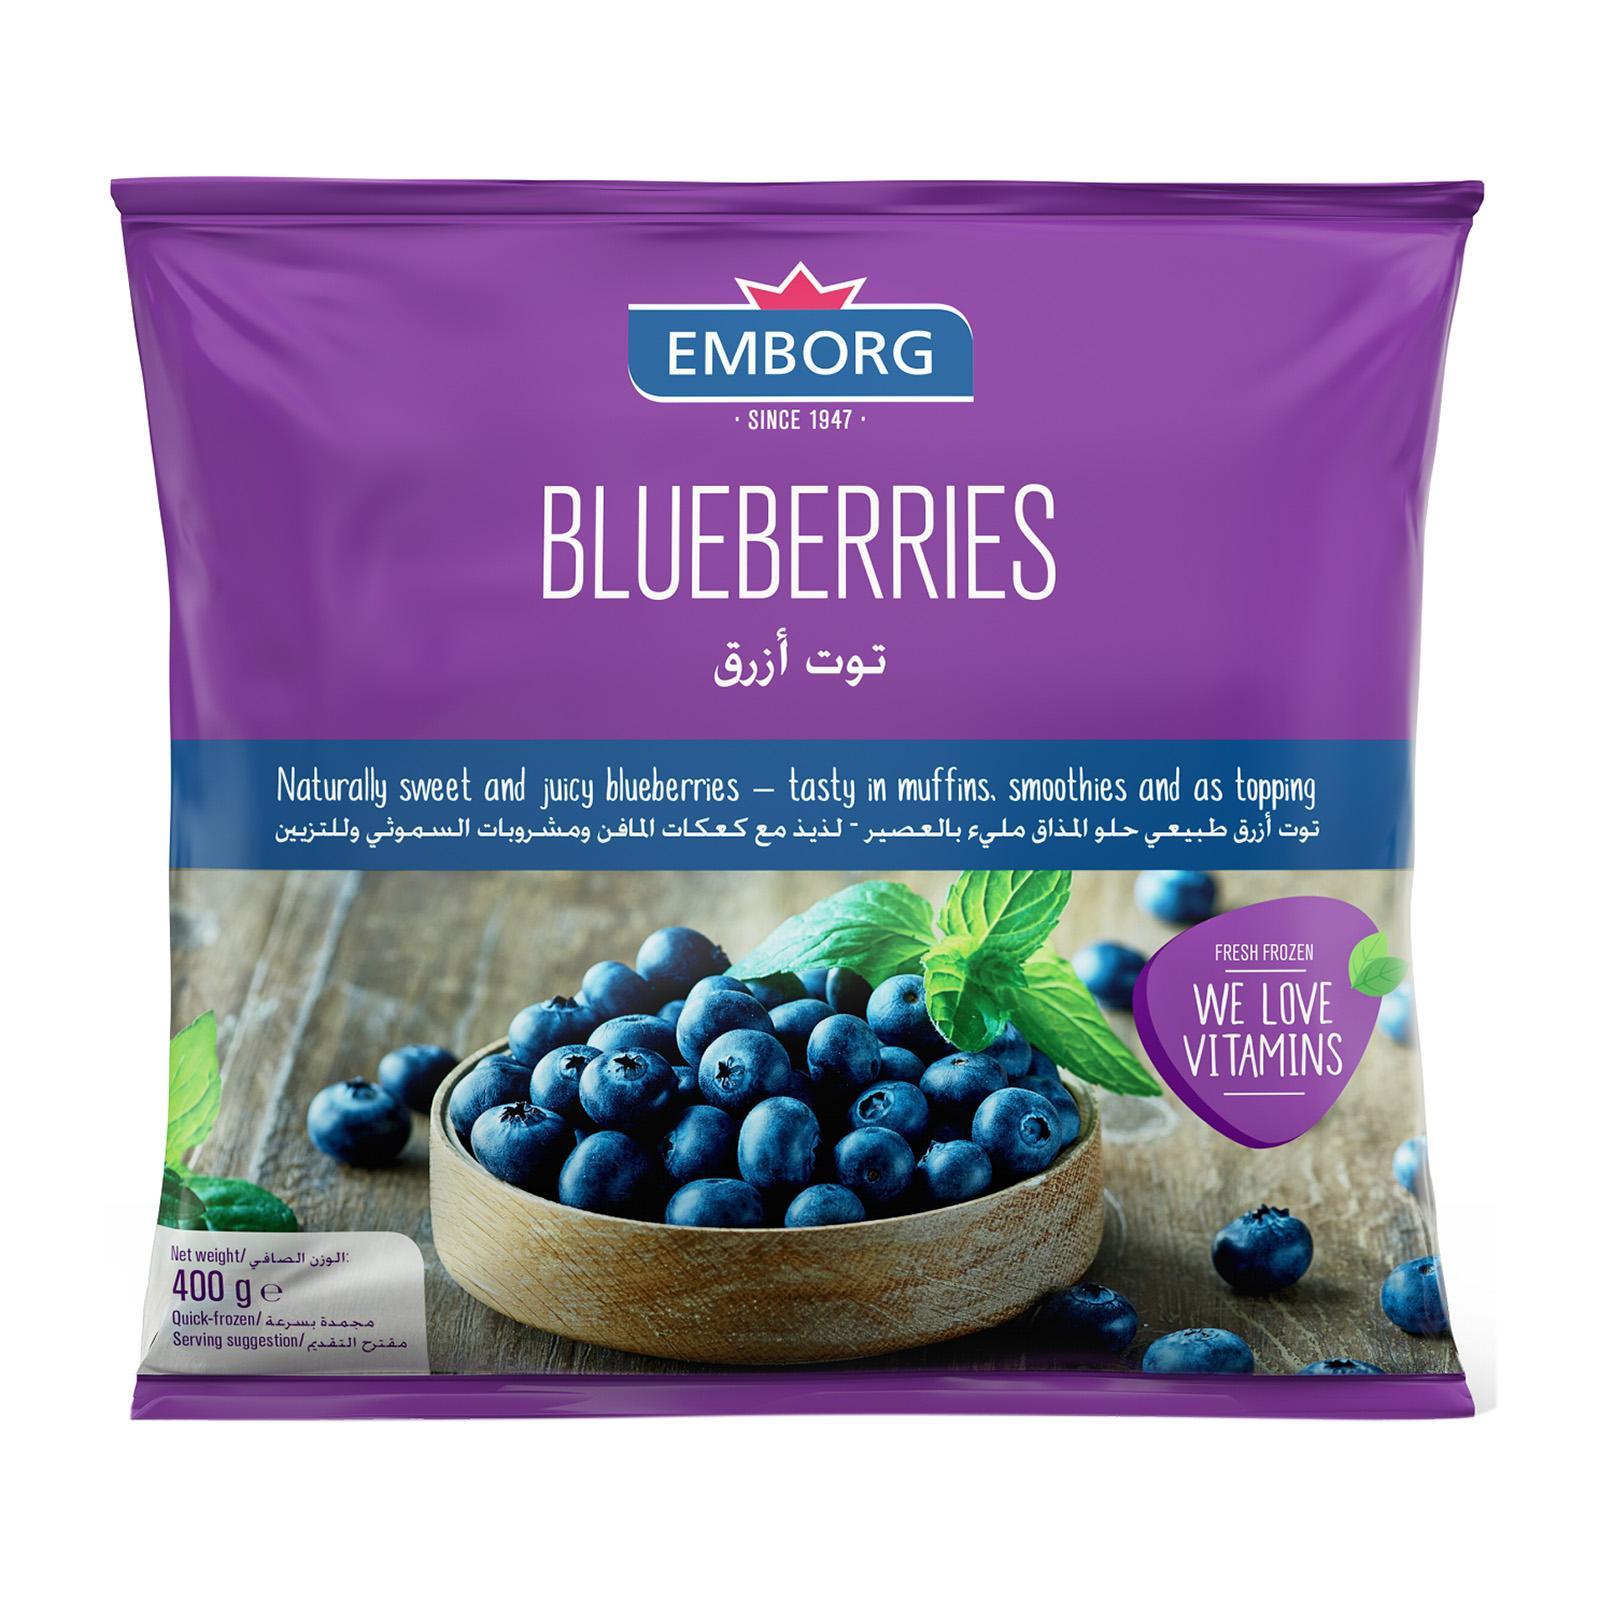 Emborg Blueberries - Frozen